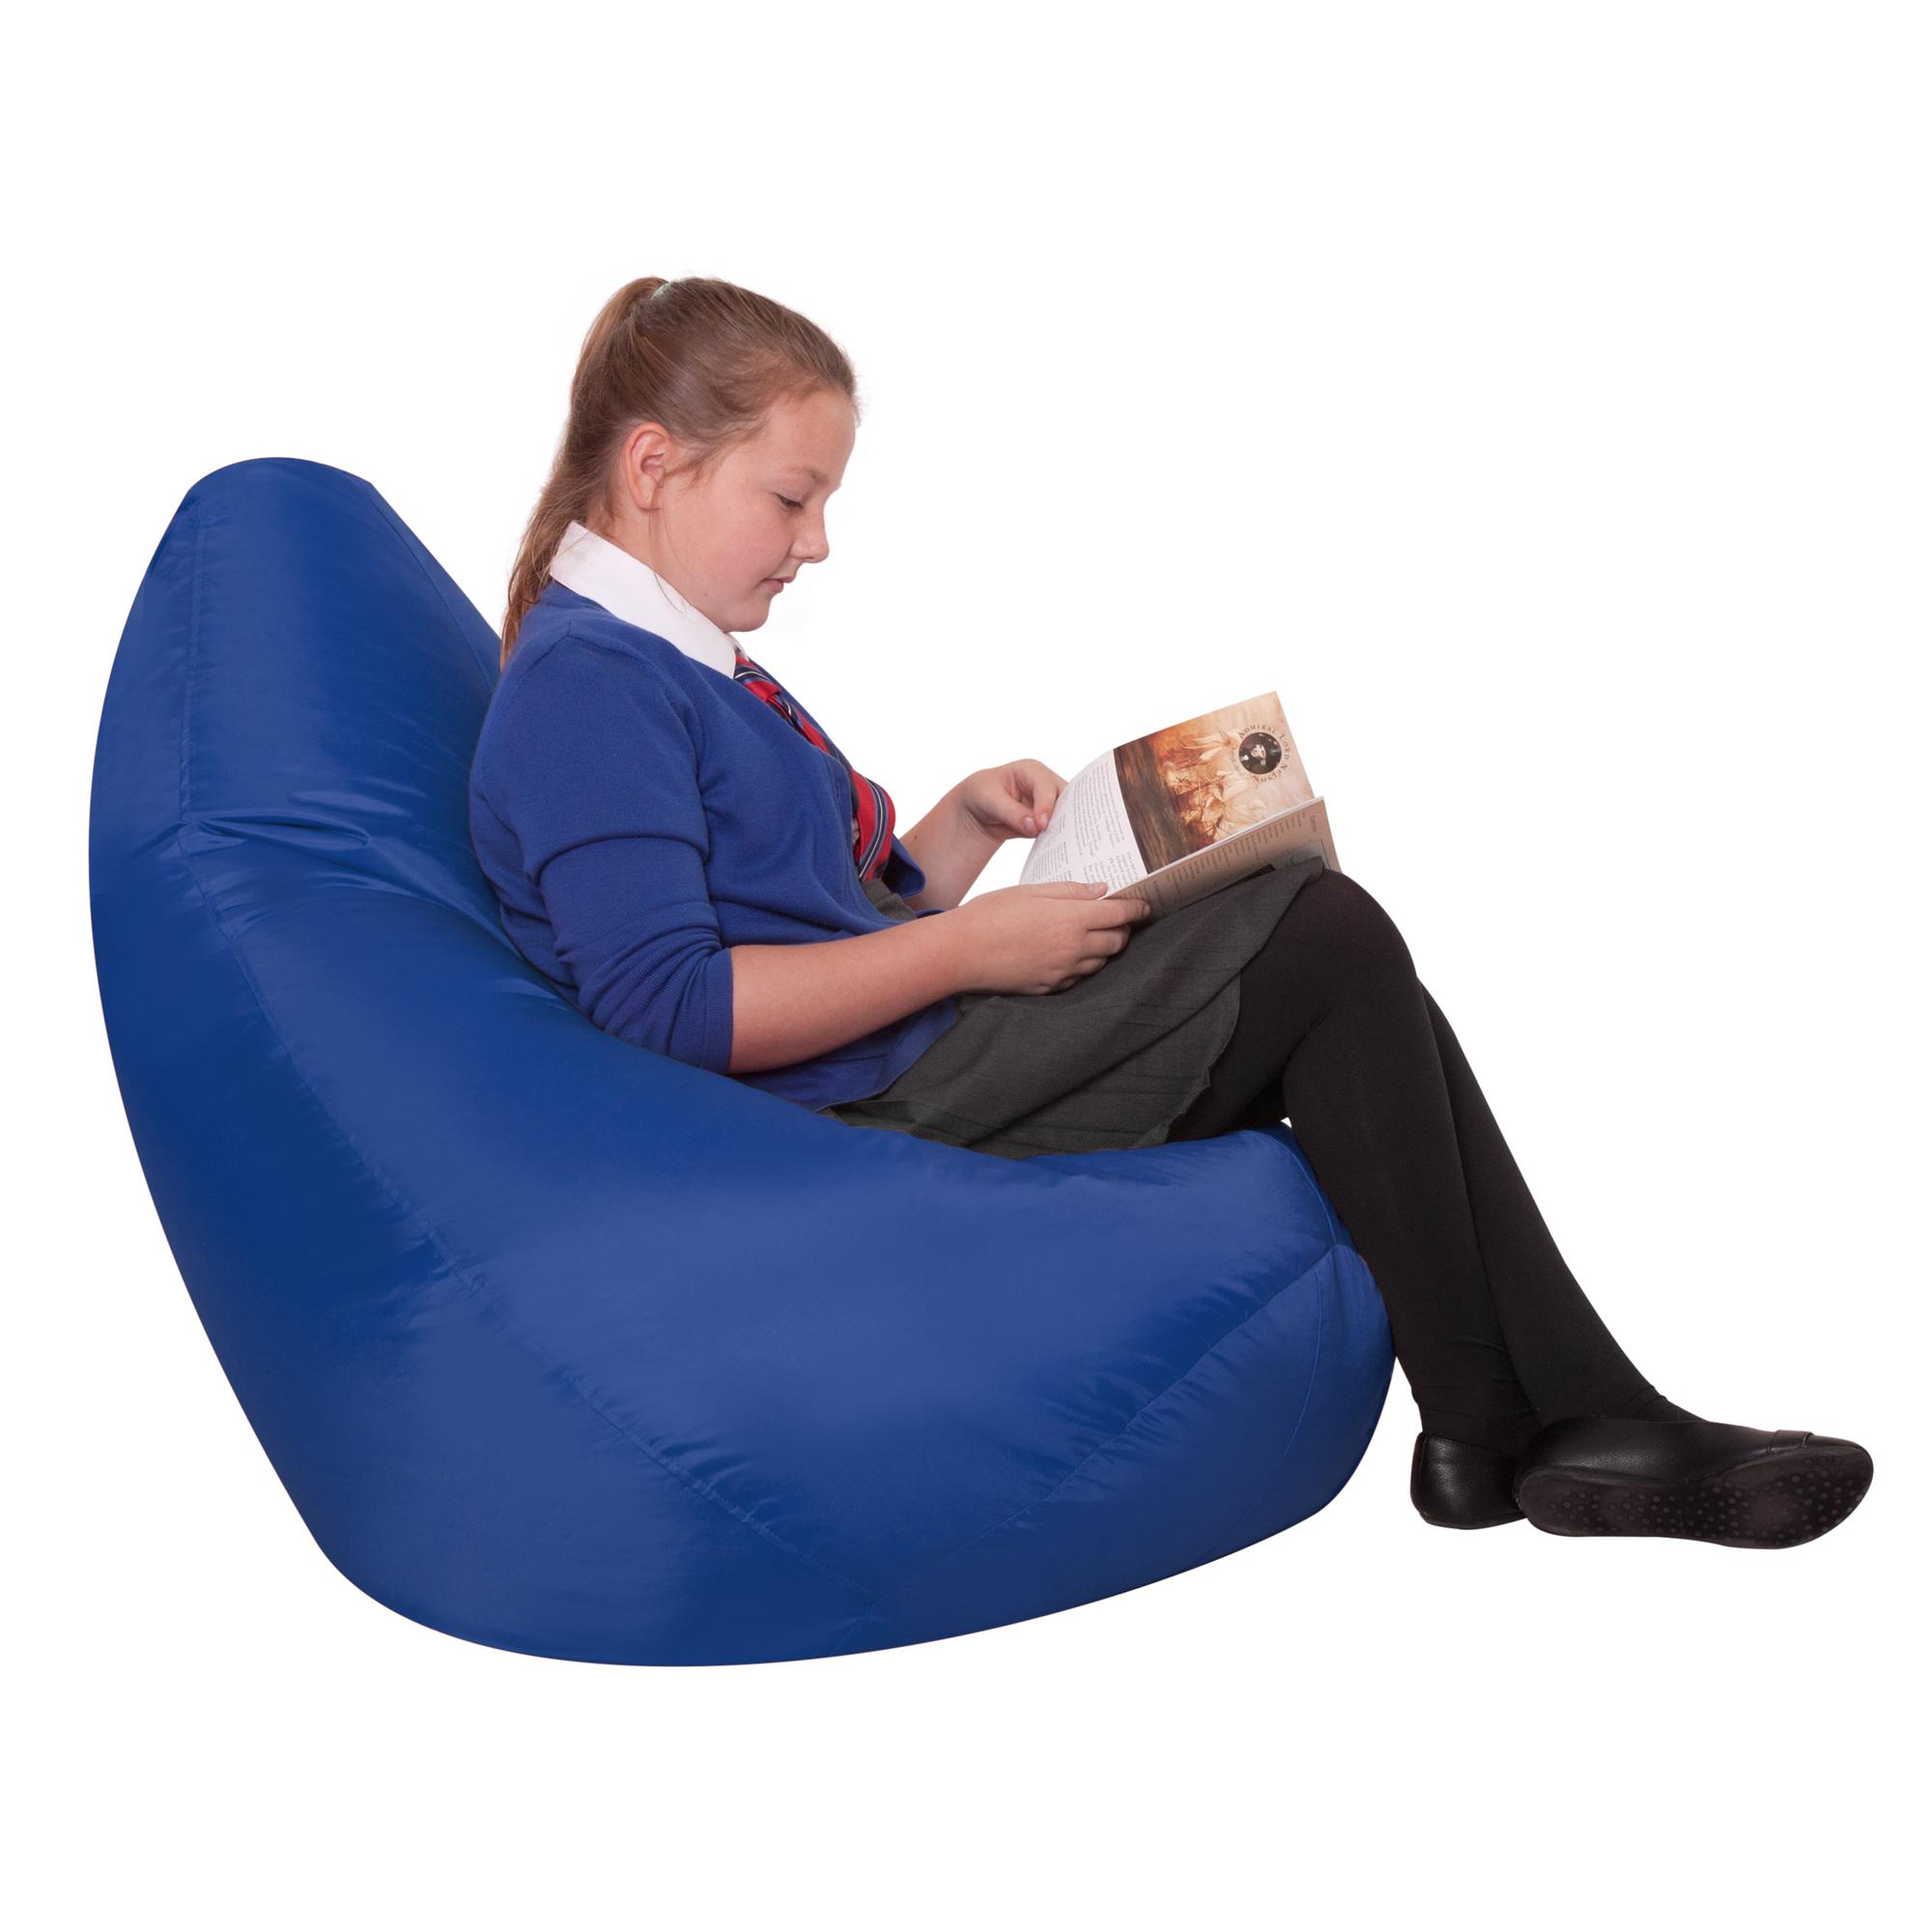 Eden-Large-Reading-Pod-OD-blue-300dpi-1